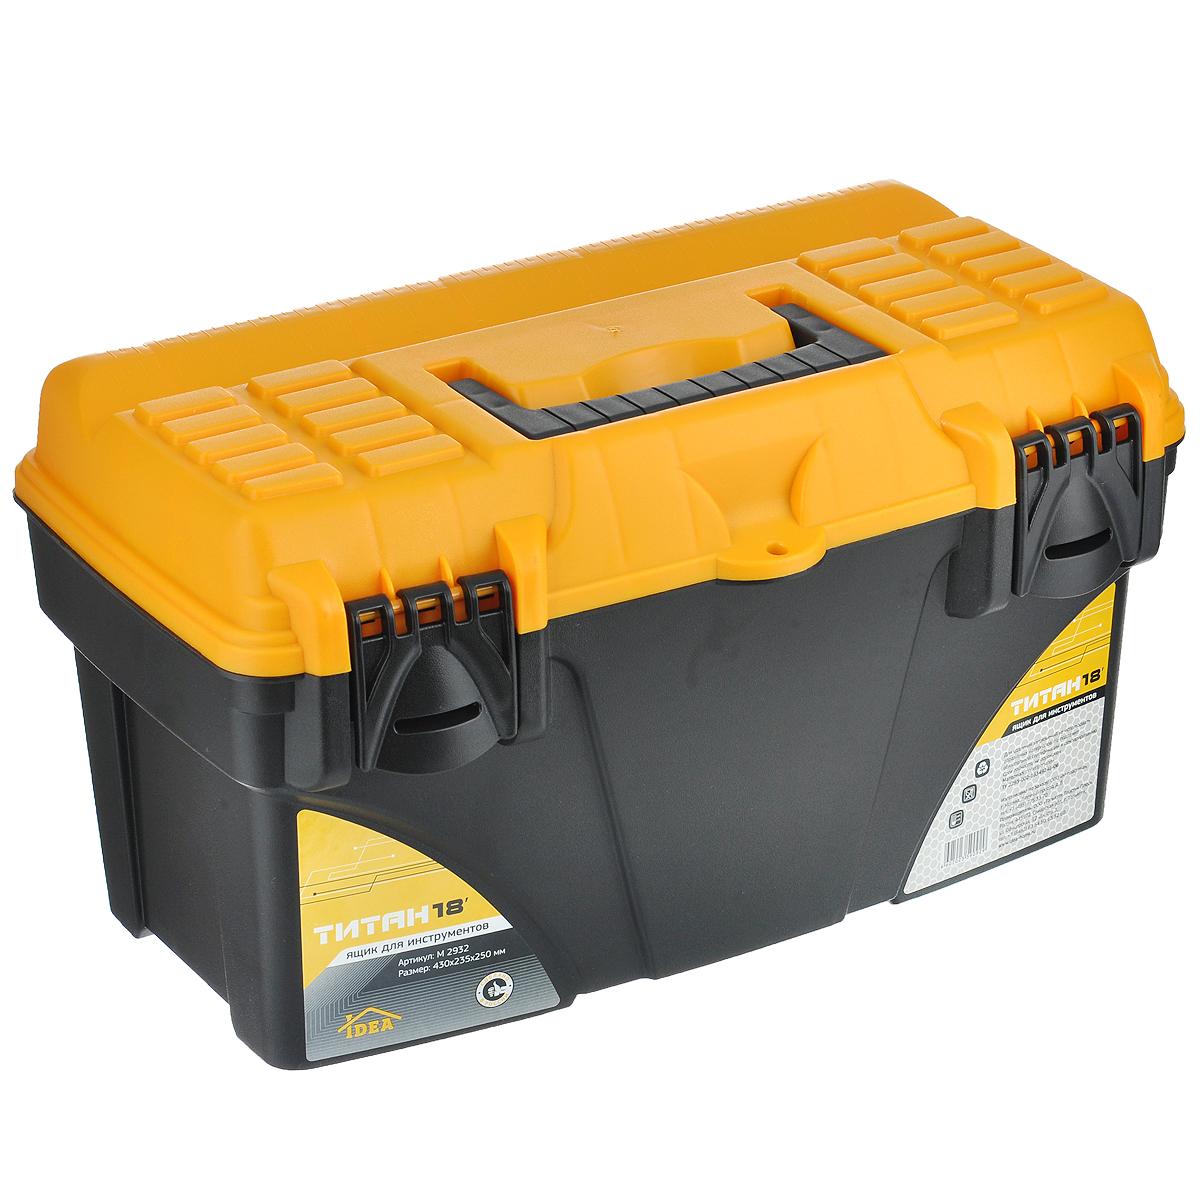 Ящик для инструментов Idea Титан 18, с органайзером, 43 x 23,5 x 25 см98298123_черныйЯщик Idea Титан 18 изготовлен из прочного пластика и предназначен для хранения и переноски инструментов. Вместительный, внутри имеет большое главное отделение. Закрывается при помощи крепких защелок, которые не допускают случайного открывания. Для более комфортного переноса в руках, на крышке ящика предусмотрена удобная ручка. Крышка оснащена линейкой с измерительной шкалой в см и дюймах.